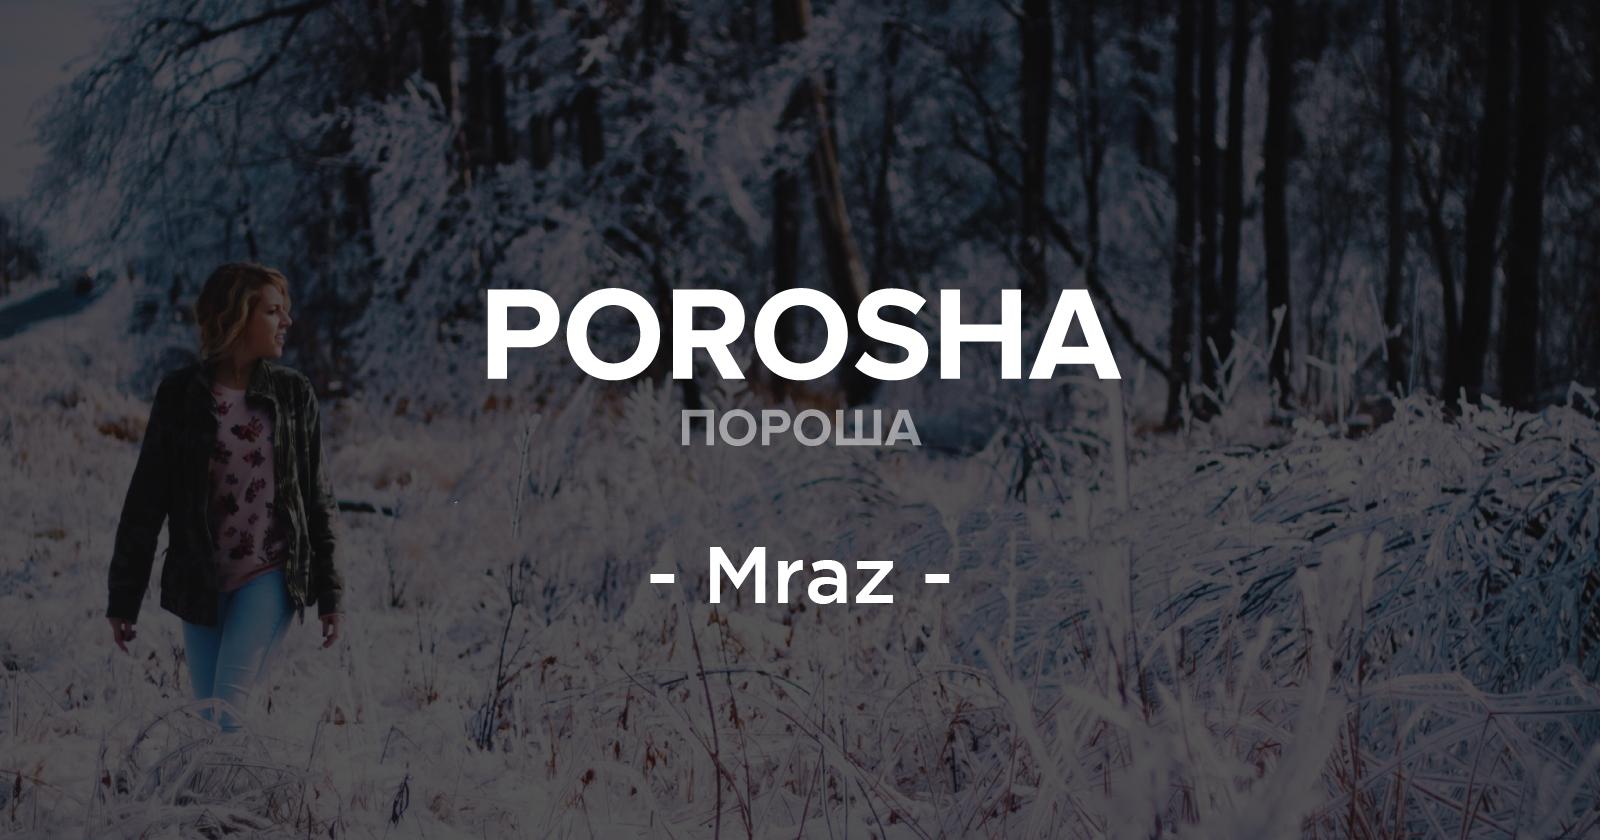 mraz je jedna od 8 savršenih ruskih riječi koje bi trebalo da naučite